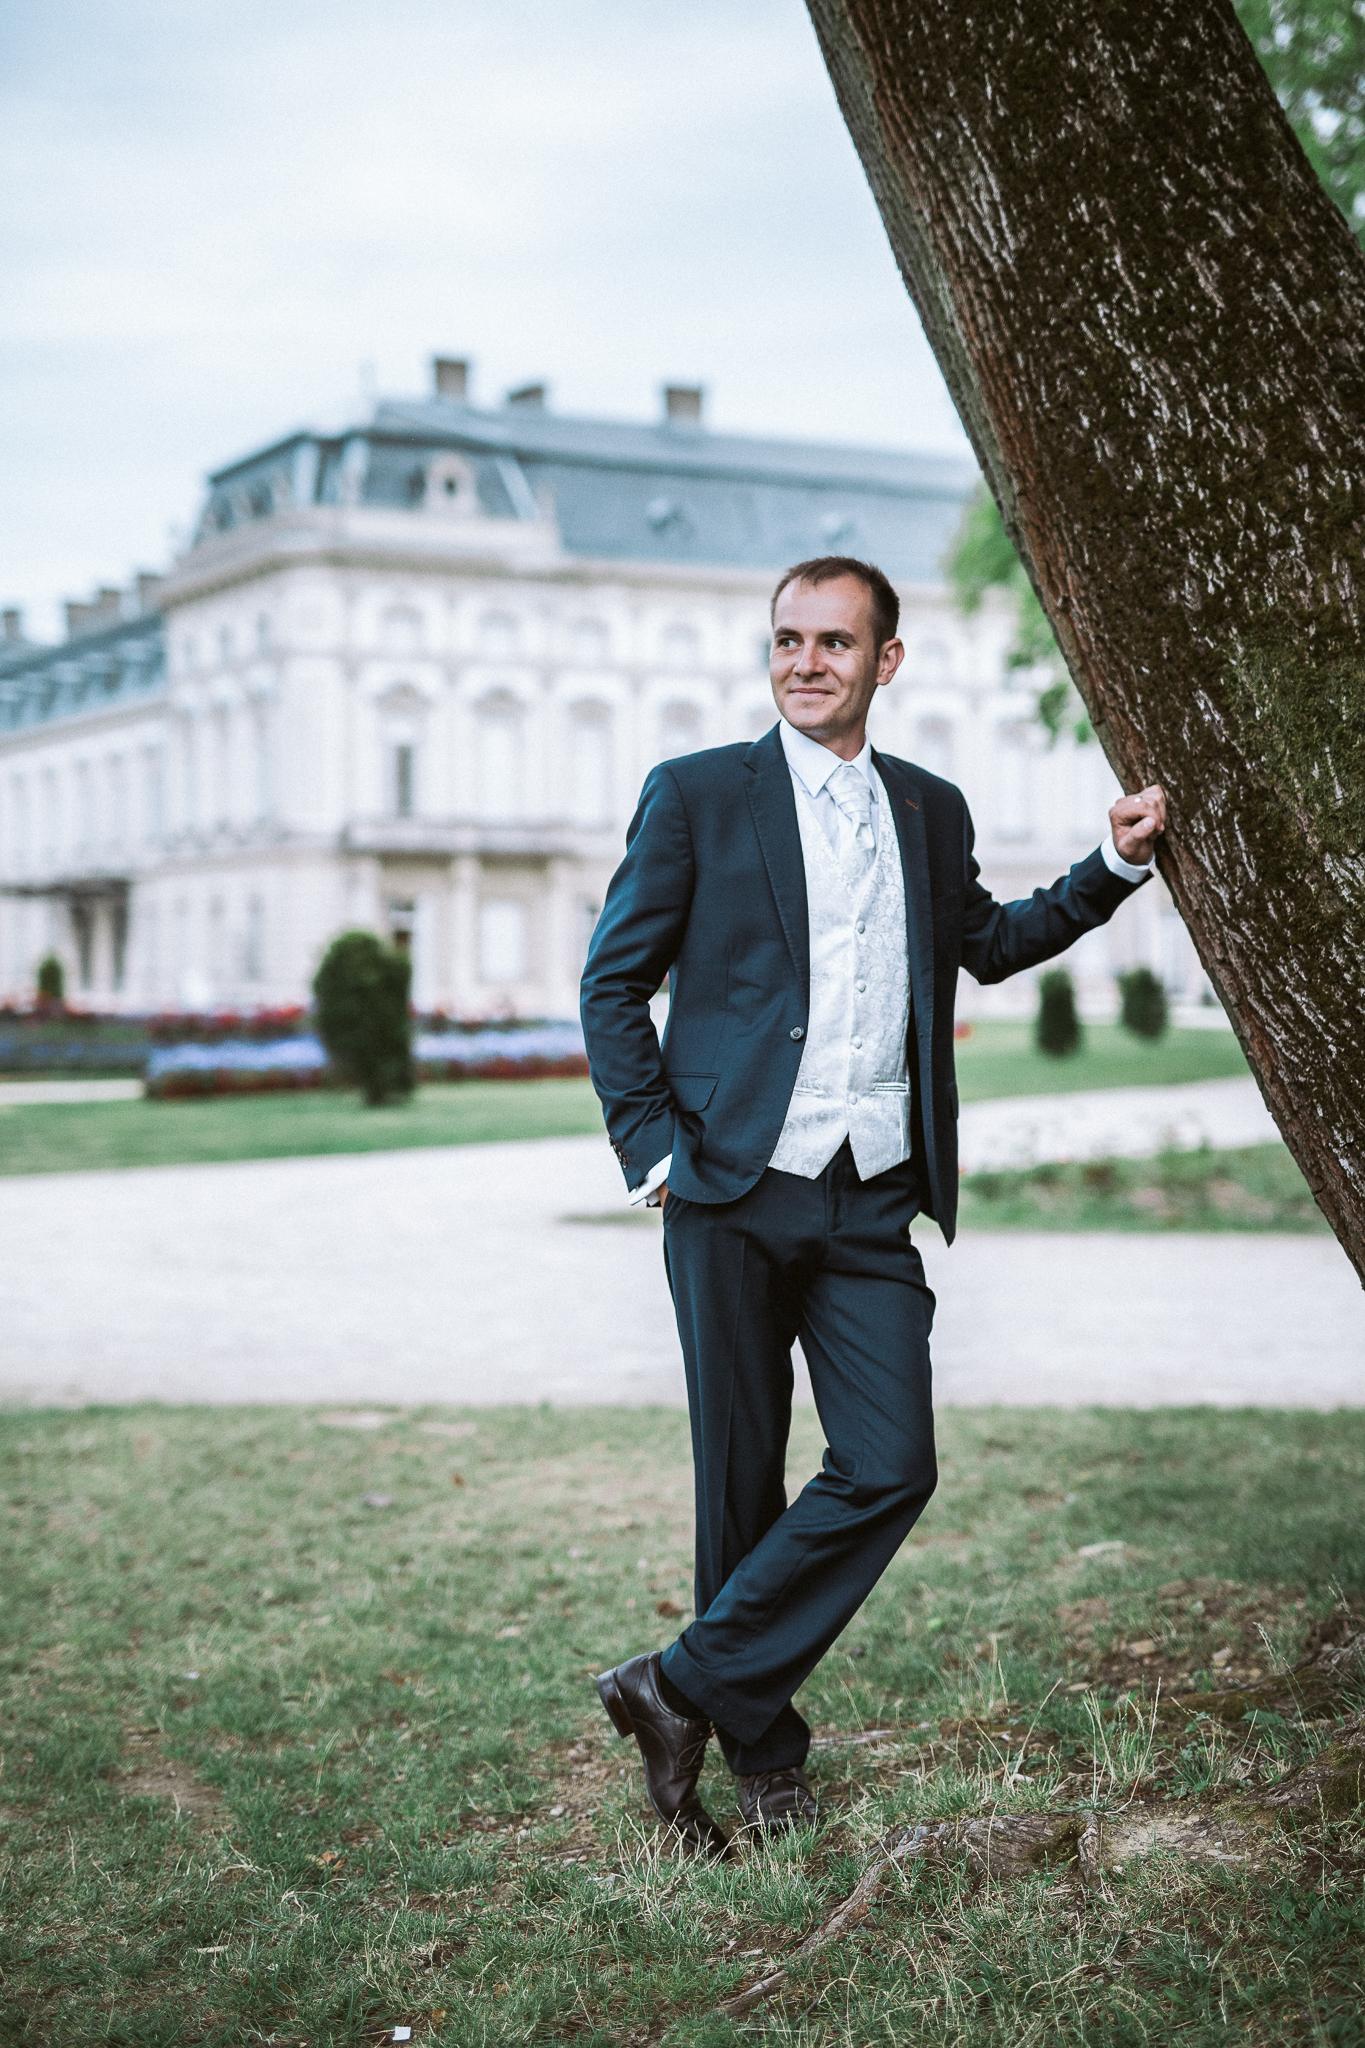 FylepPhoto, esküvőfotós, esküvői fotós Körmend, Szombathely, esküvőfotózás, magyarország, vas megye, prémium, jegyesfotózás, Fülöp Péter, körmend, kreatív, fotográfus_18-2.jpg